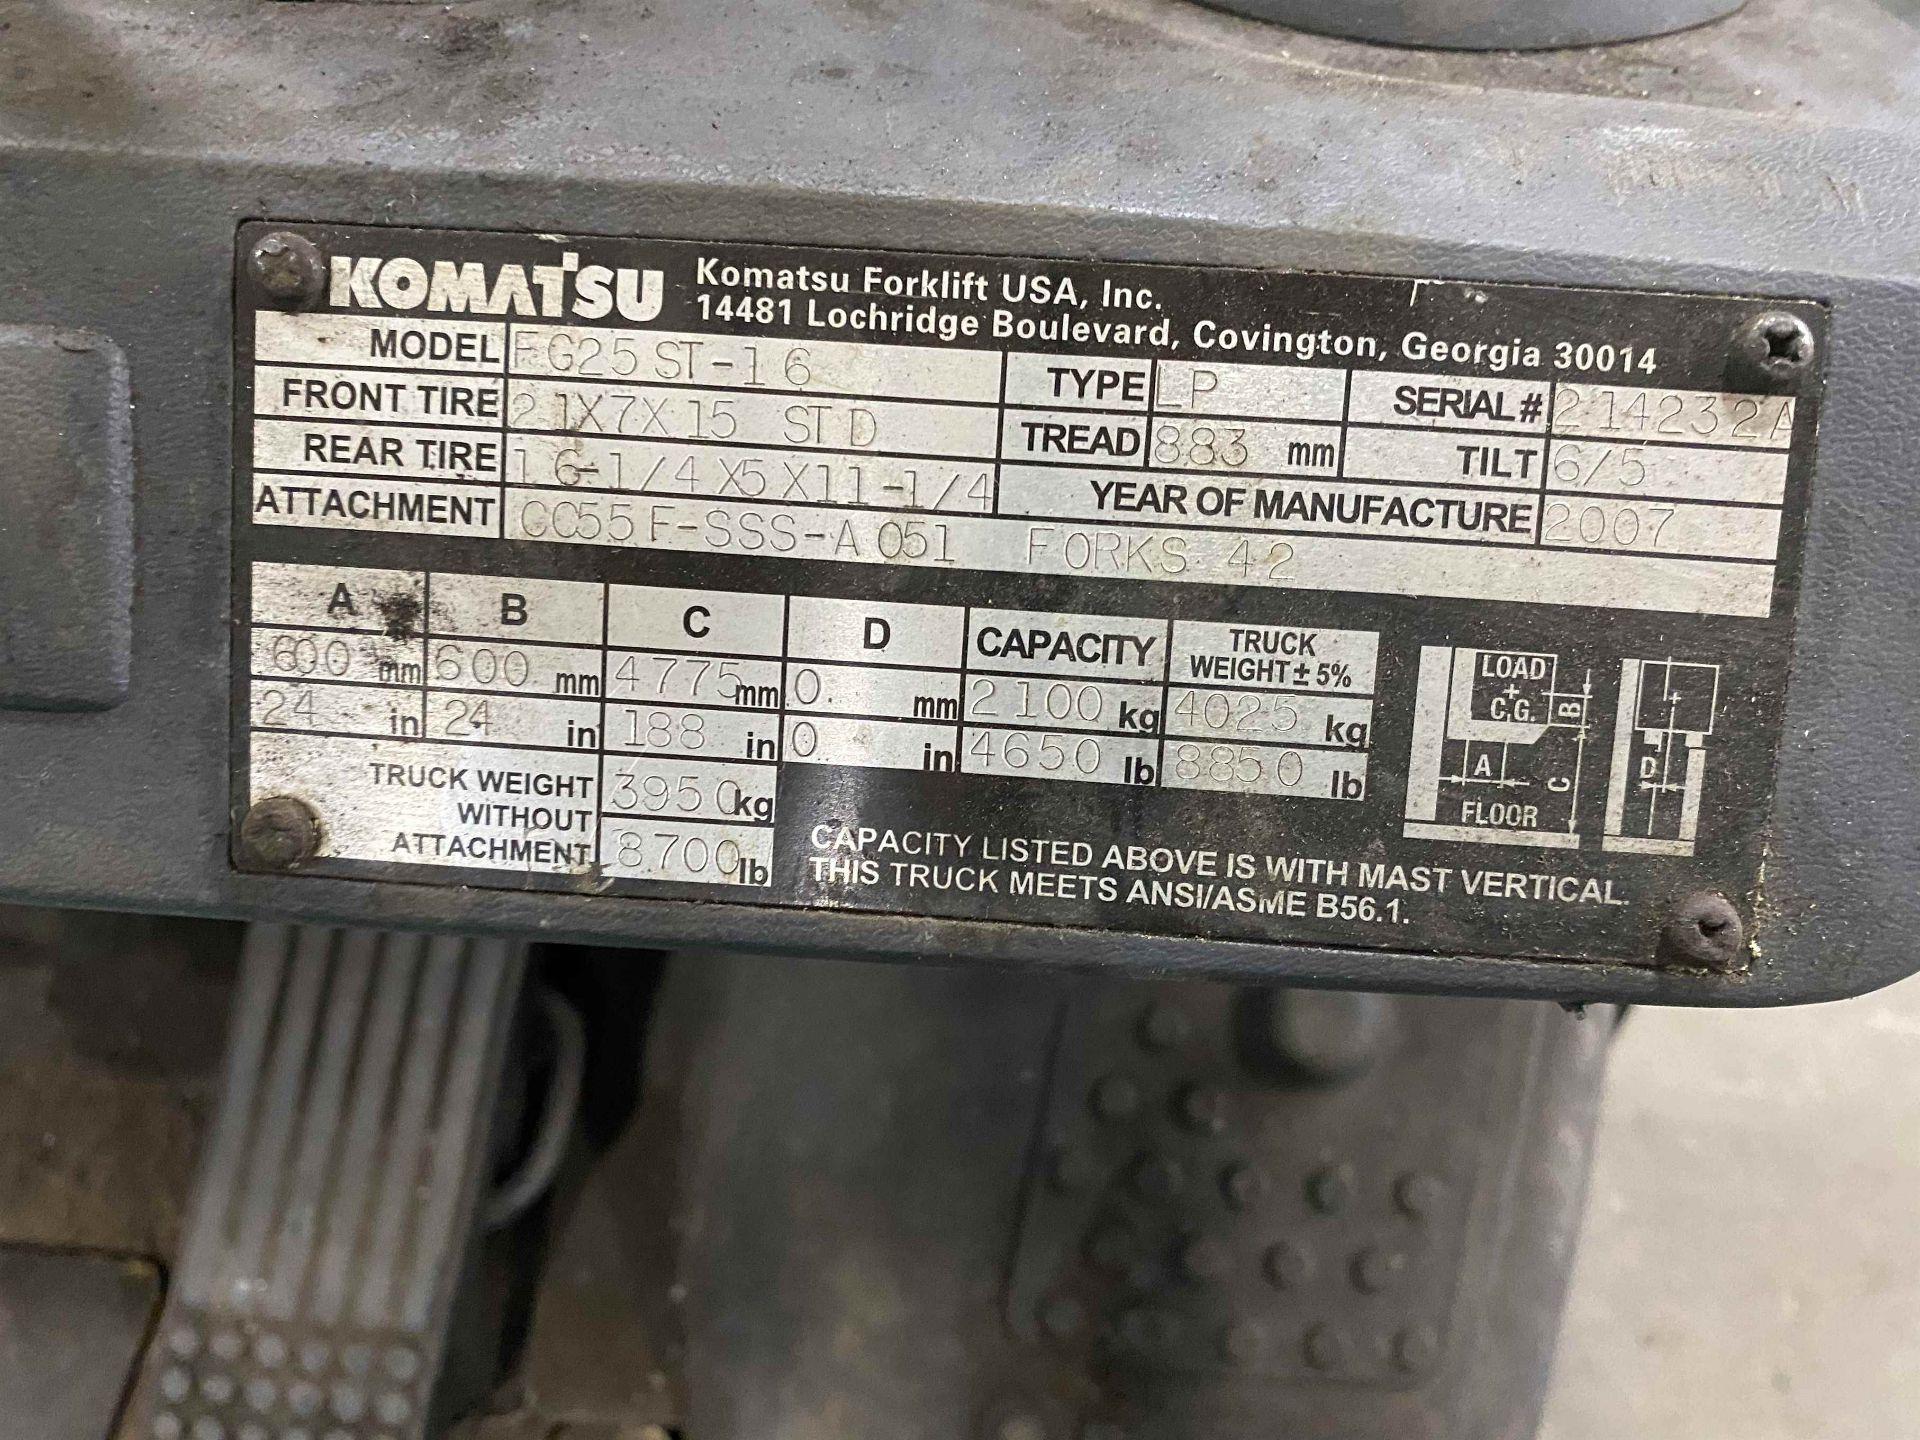 """KOMATSU FG25ST-16 5,000 Lb. LPG Forklift, s/n 214232A, Two-Stage Mast, Side Shift, 48"""" Fork - Image 6 of 7"""